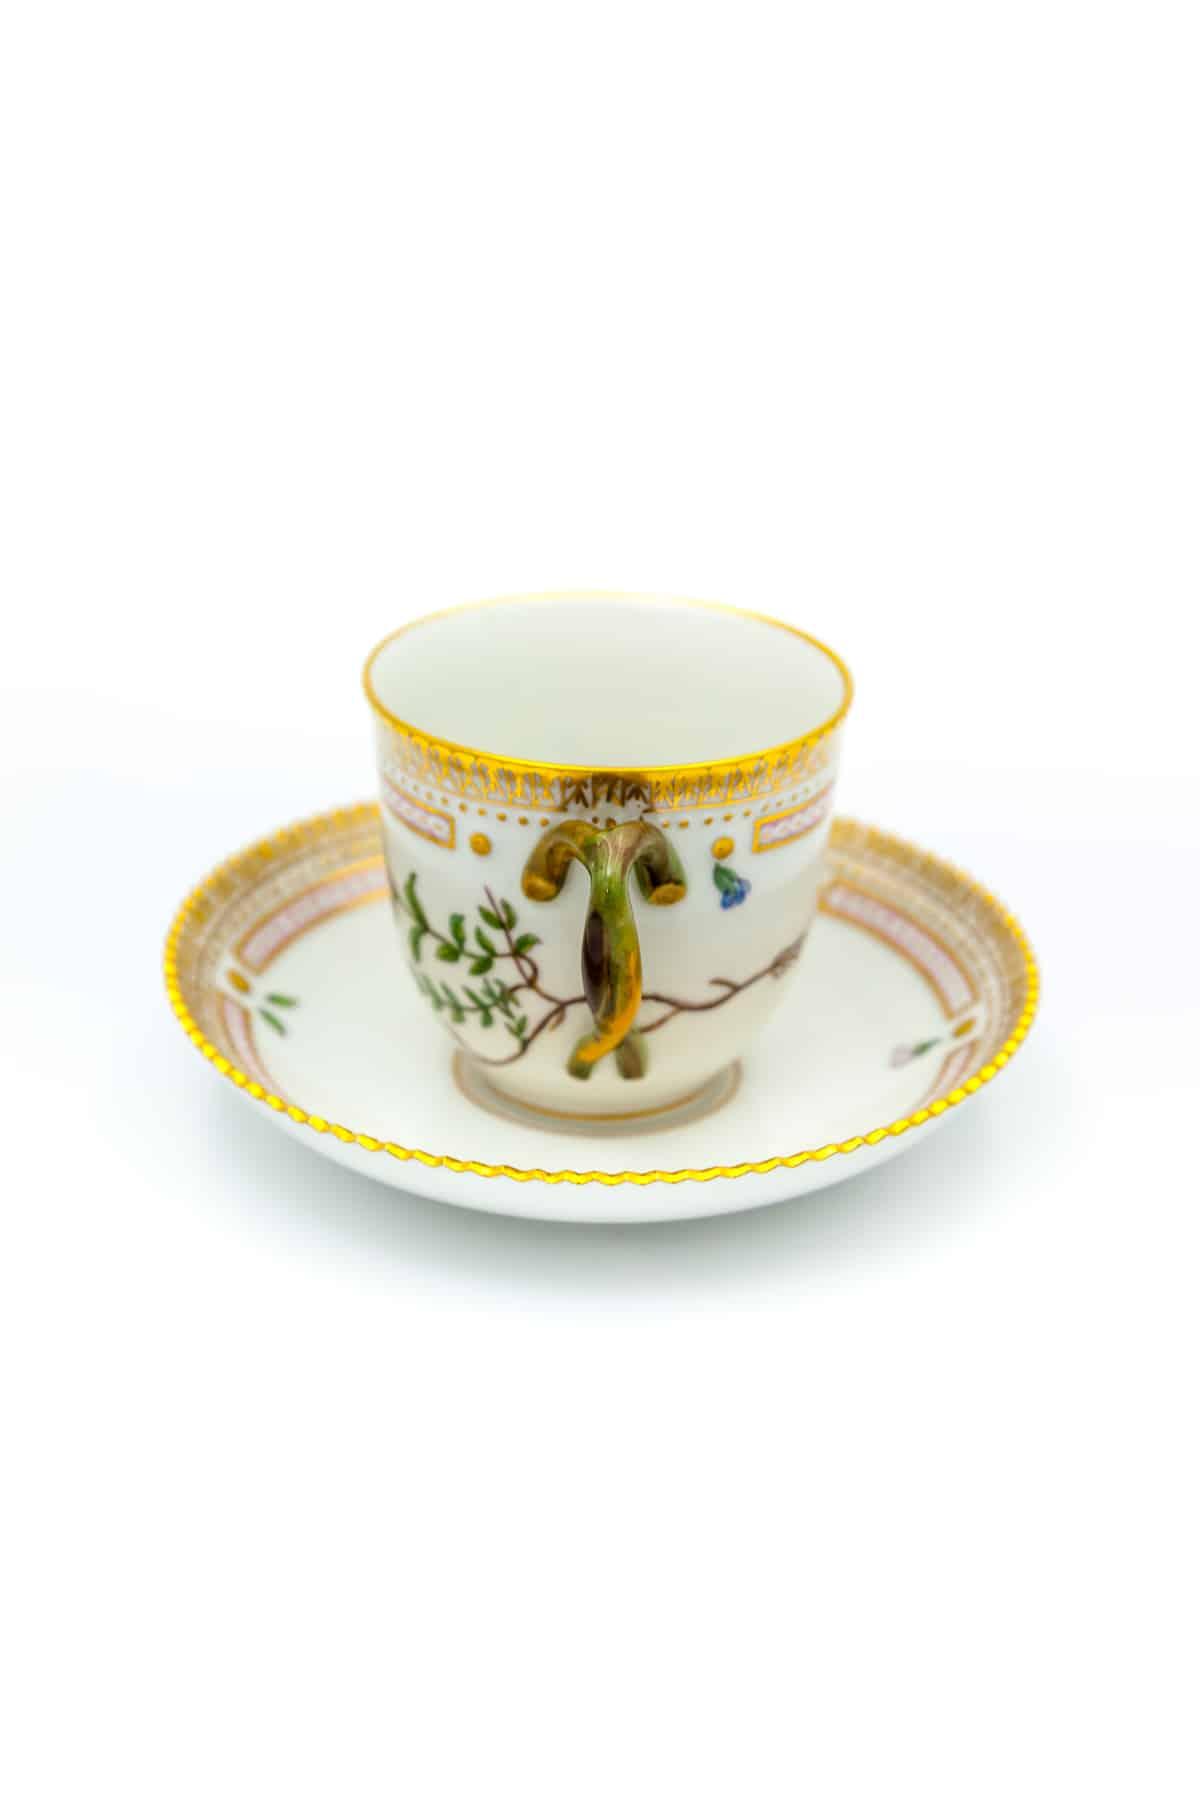 farforovye kofejnye chaschka s bludczem